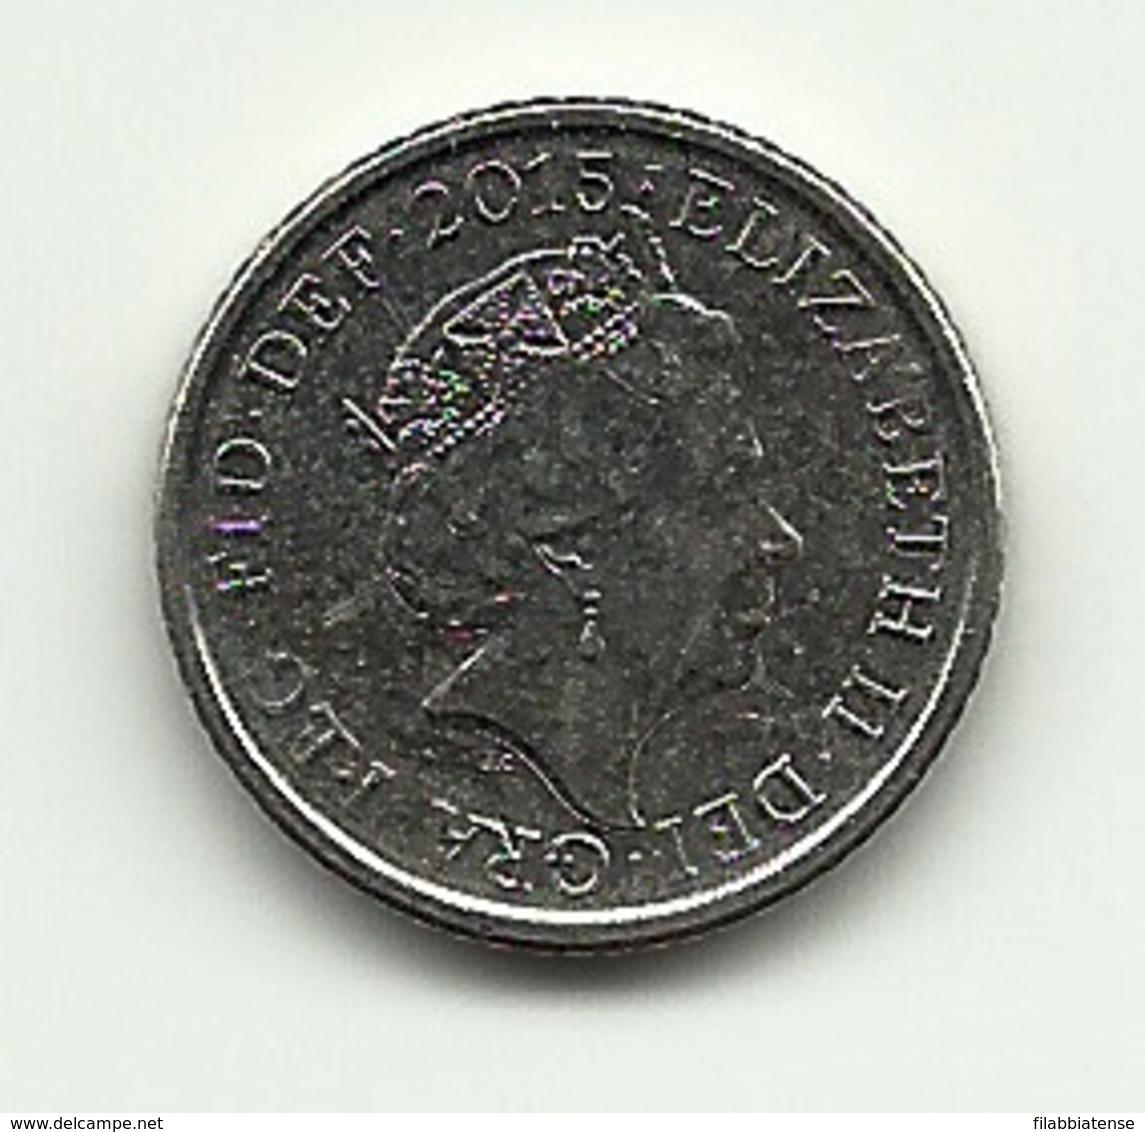 2015 - Gran Bretagna 5 Pence - 5 Pence & 5 New Pence